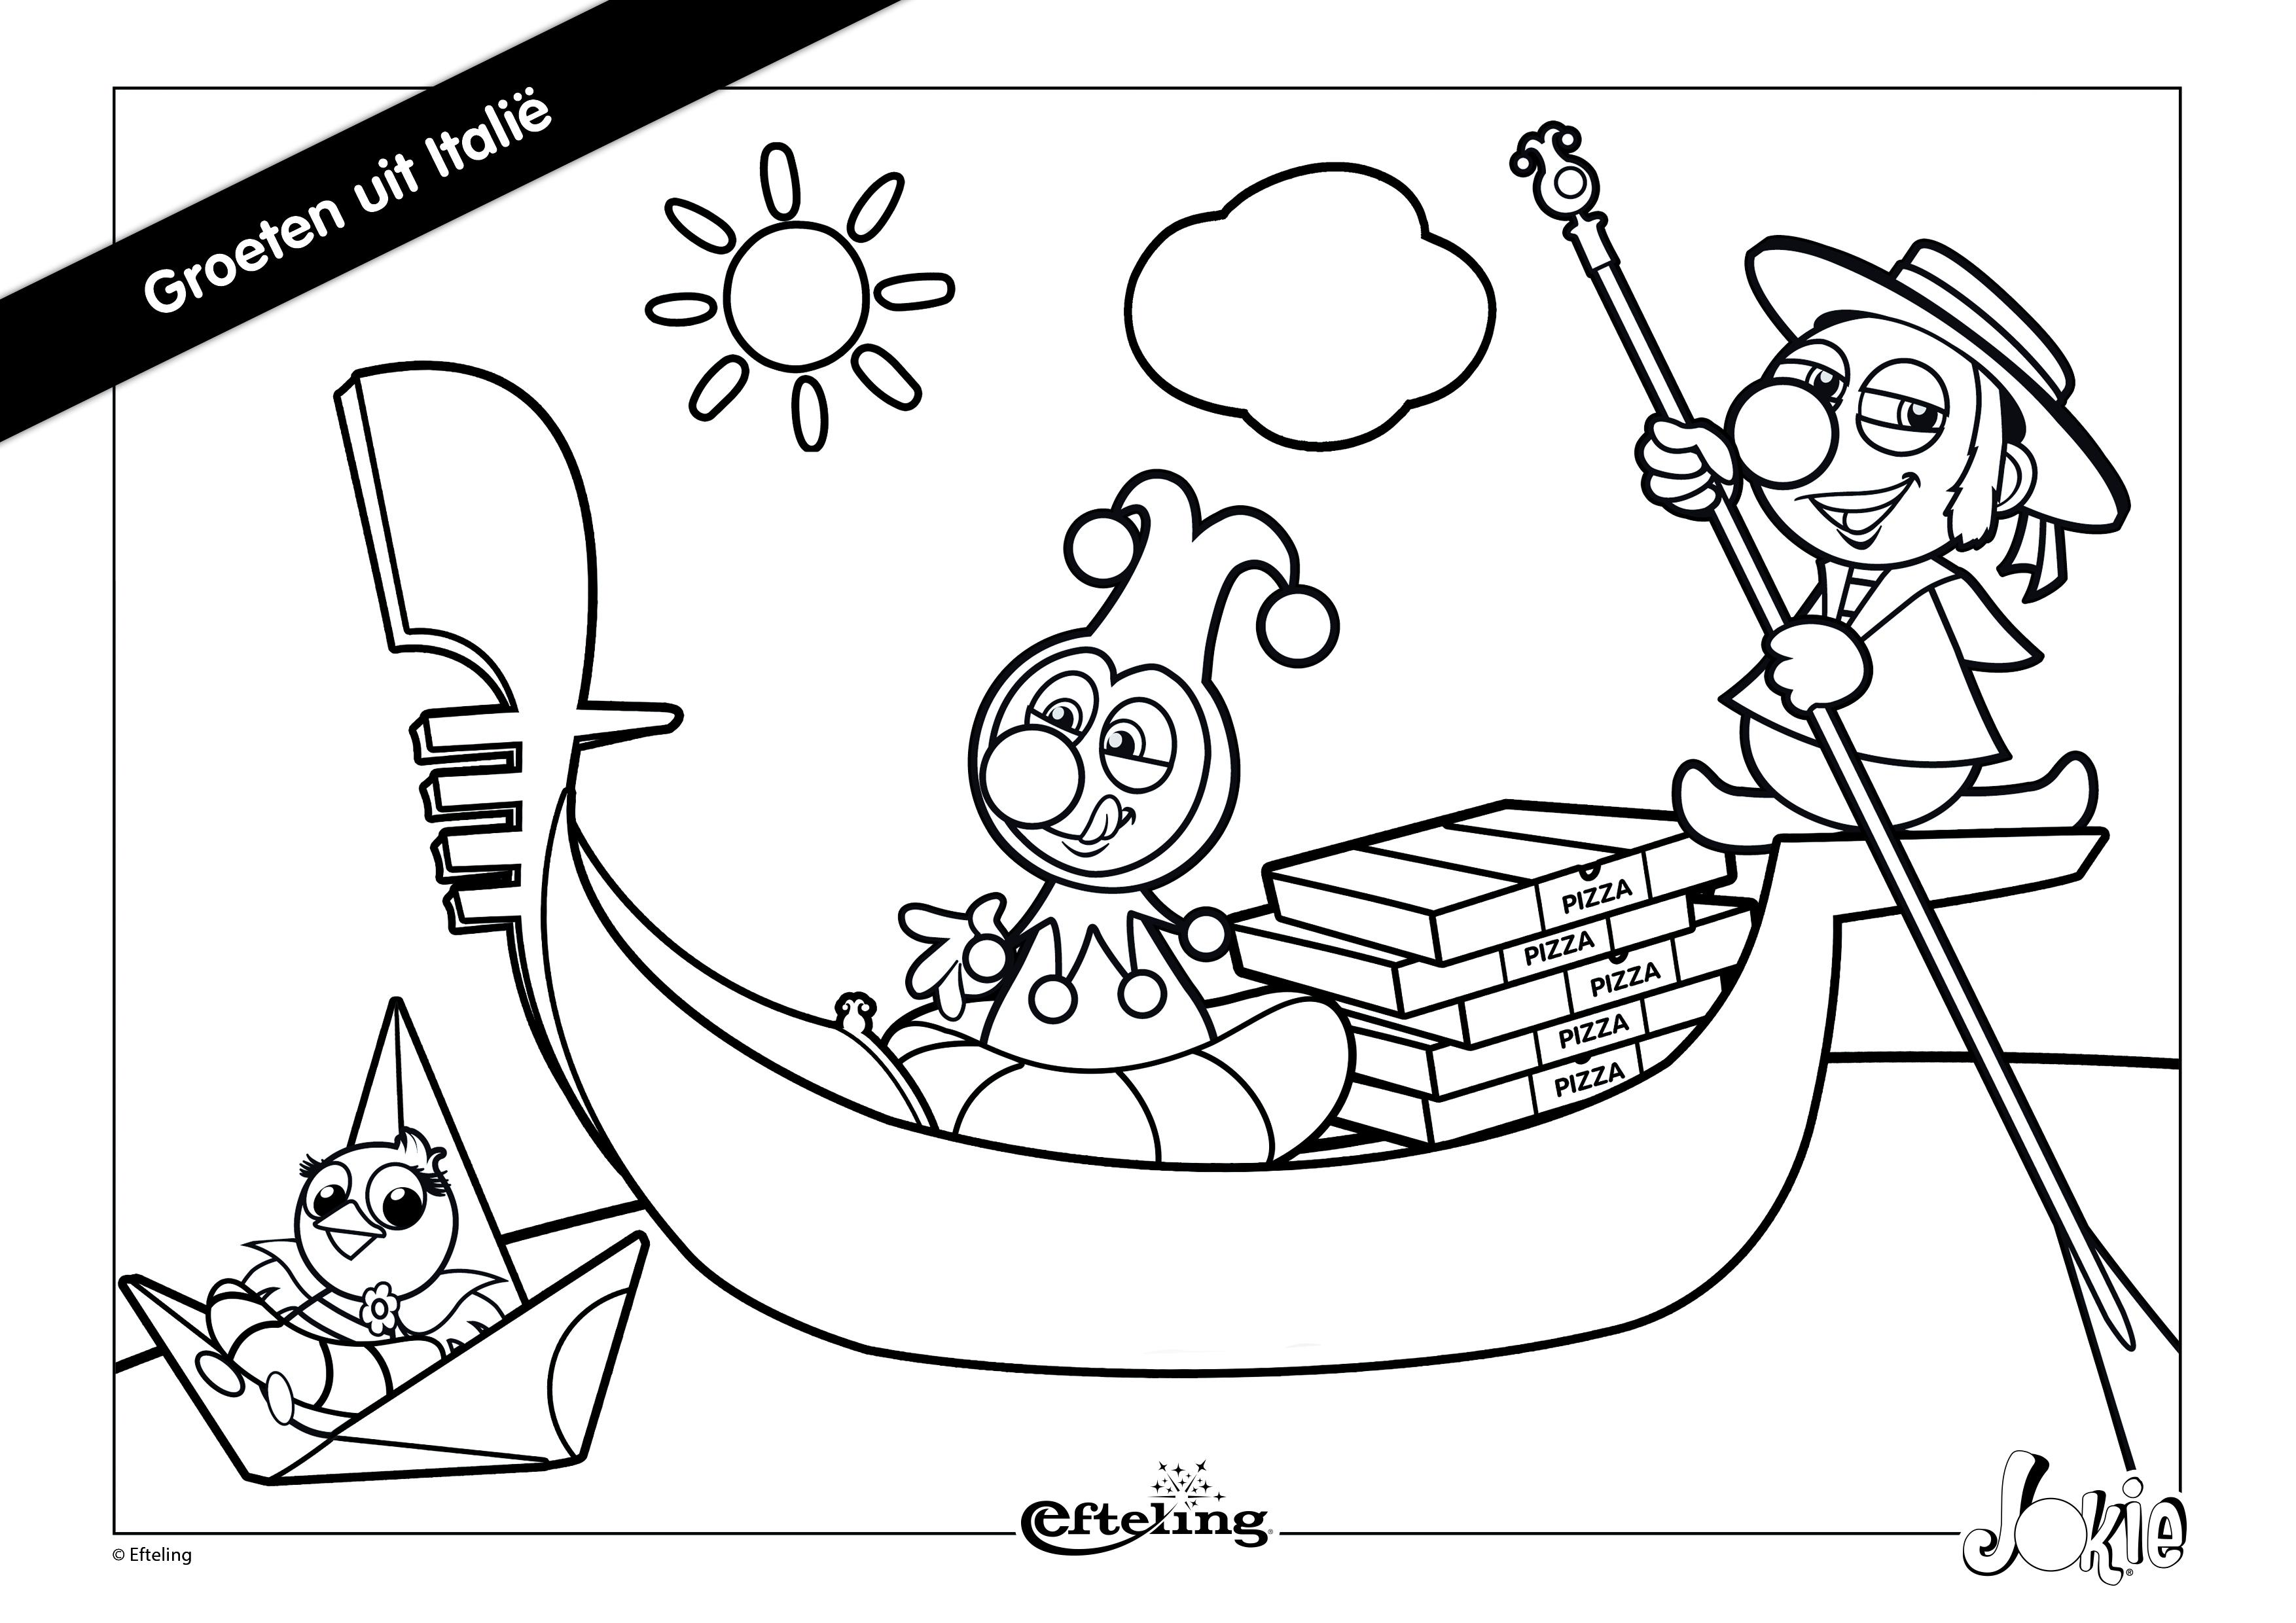 Efteling Jokie Kleurplaten 187 Animaatjes Nl